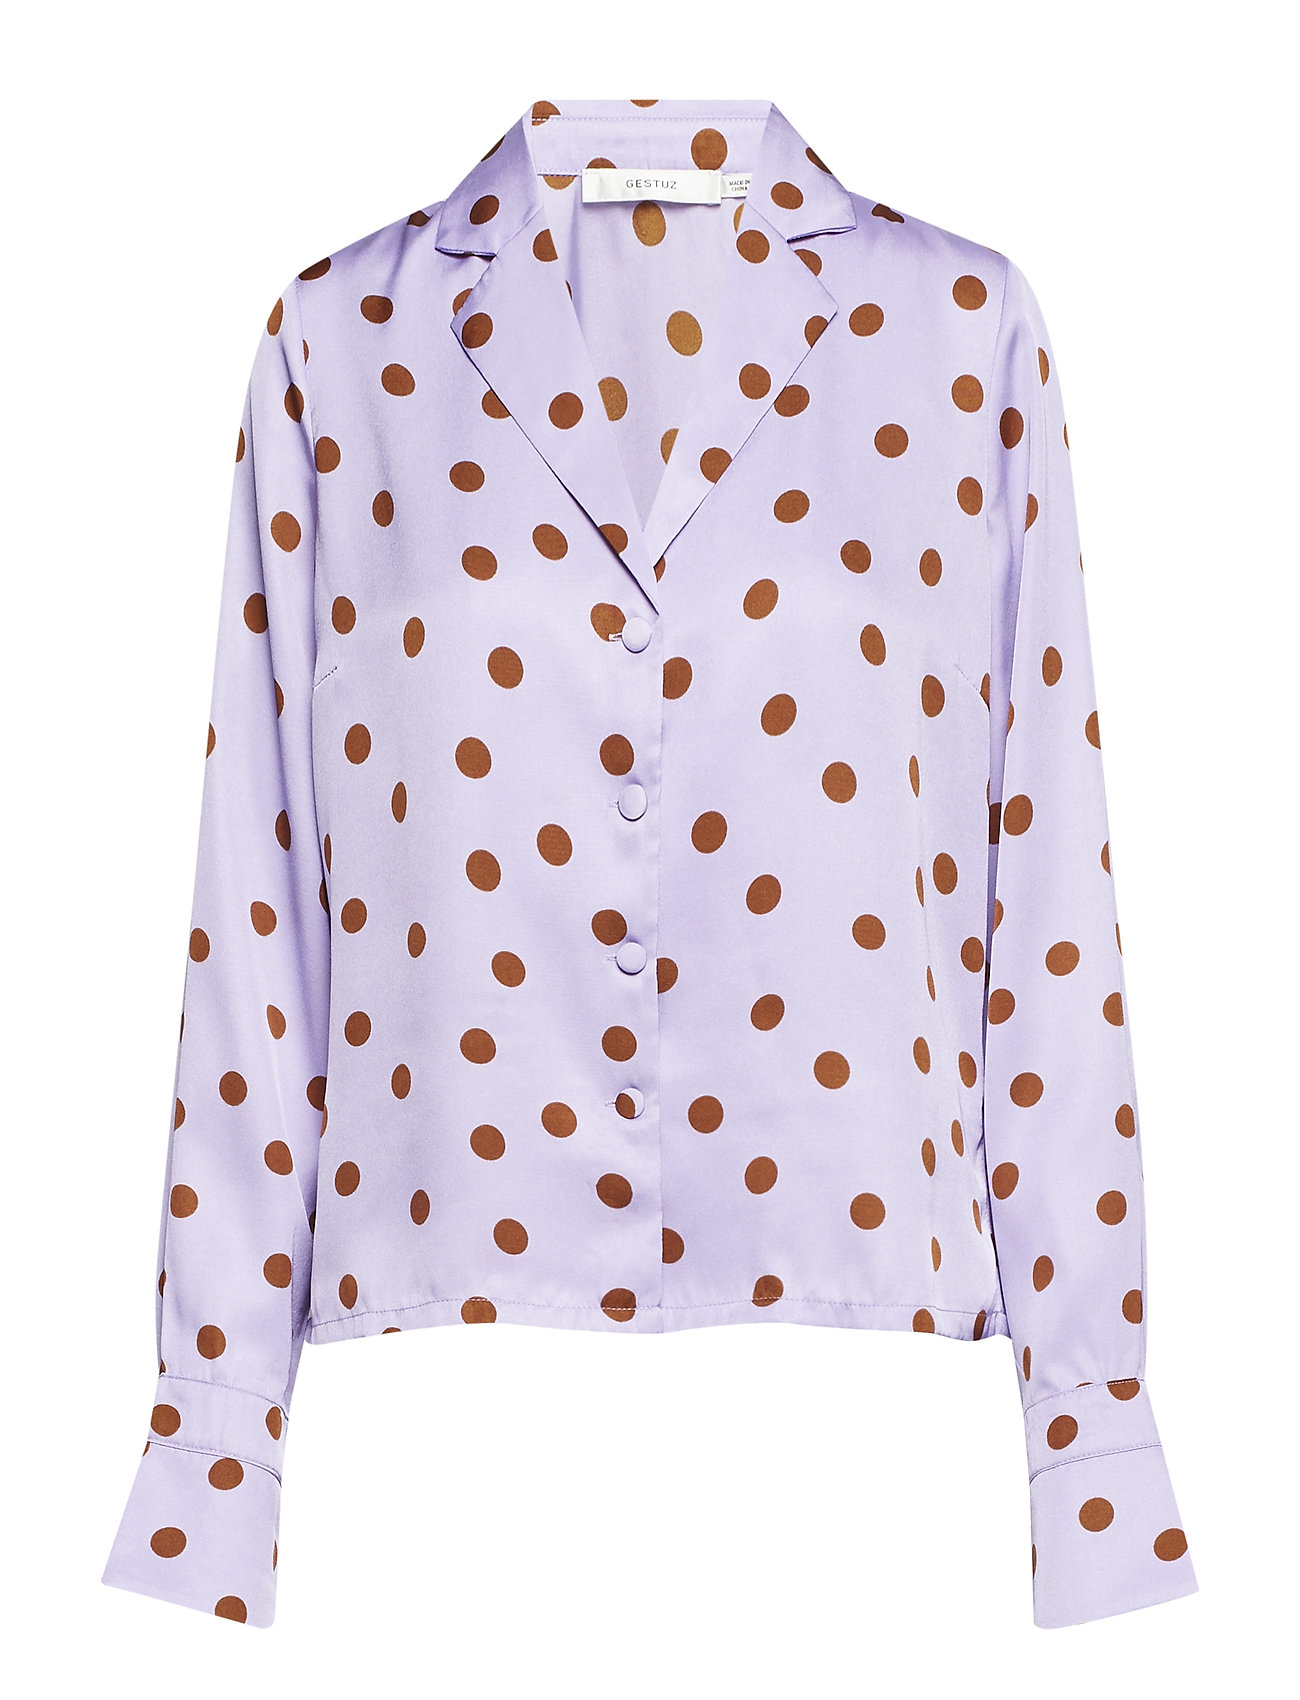 Gestuz Elsie shirt ZE2 18